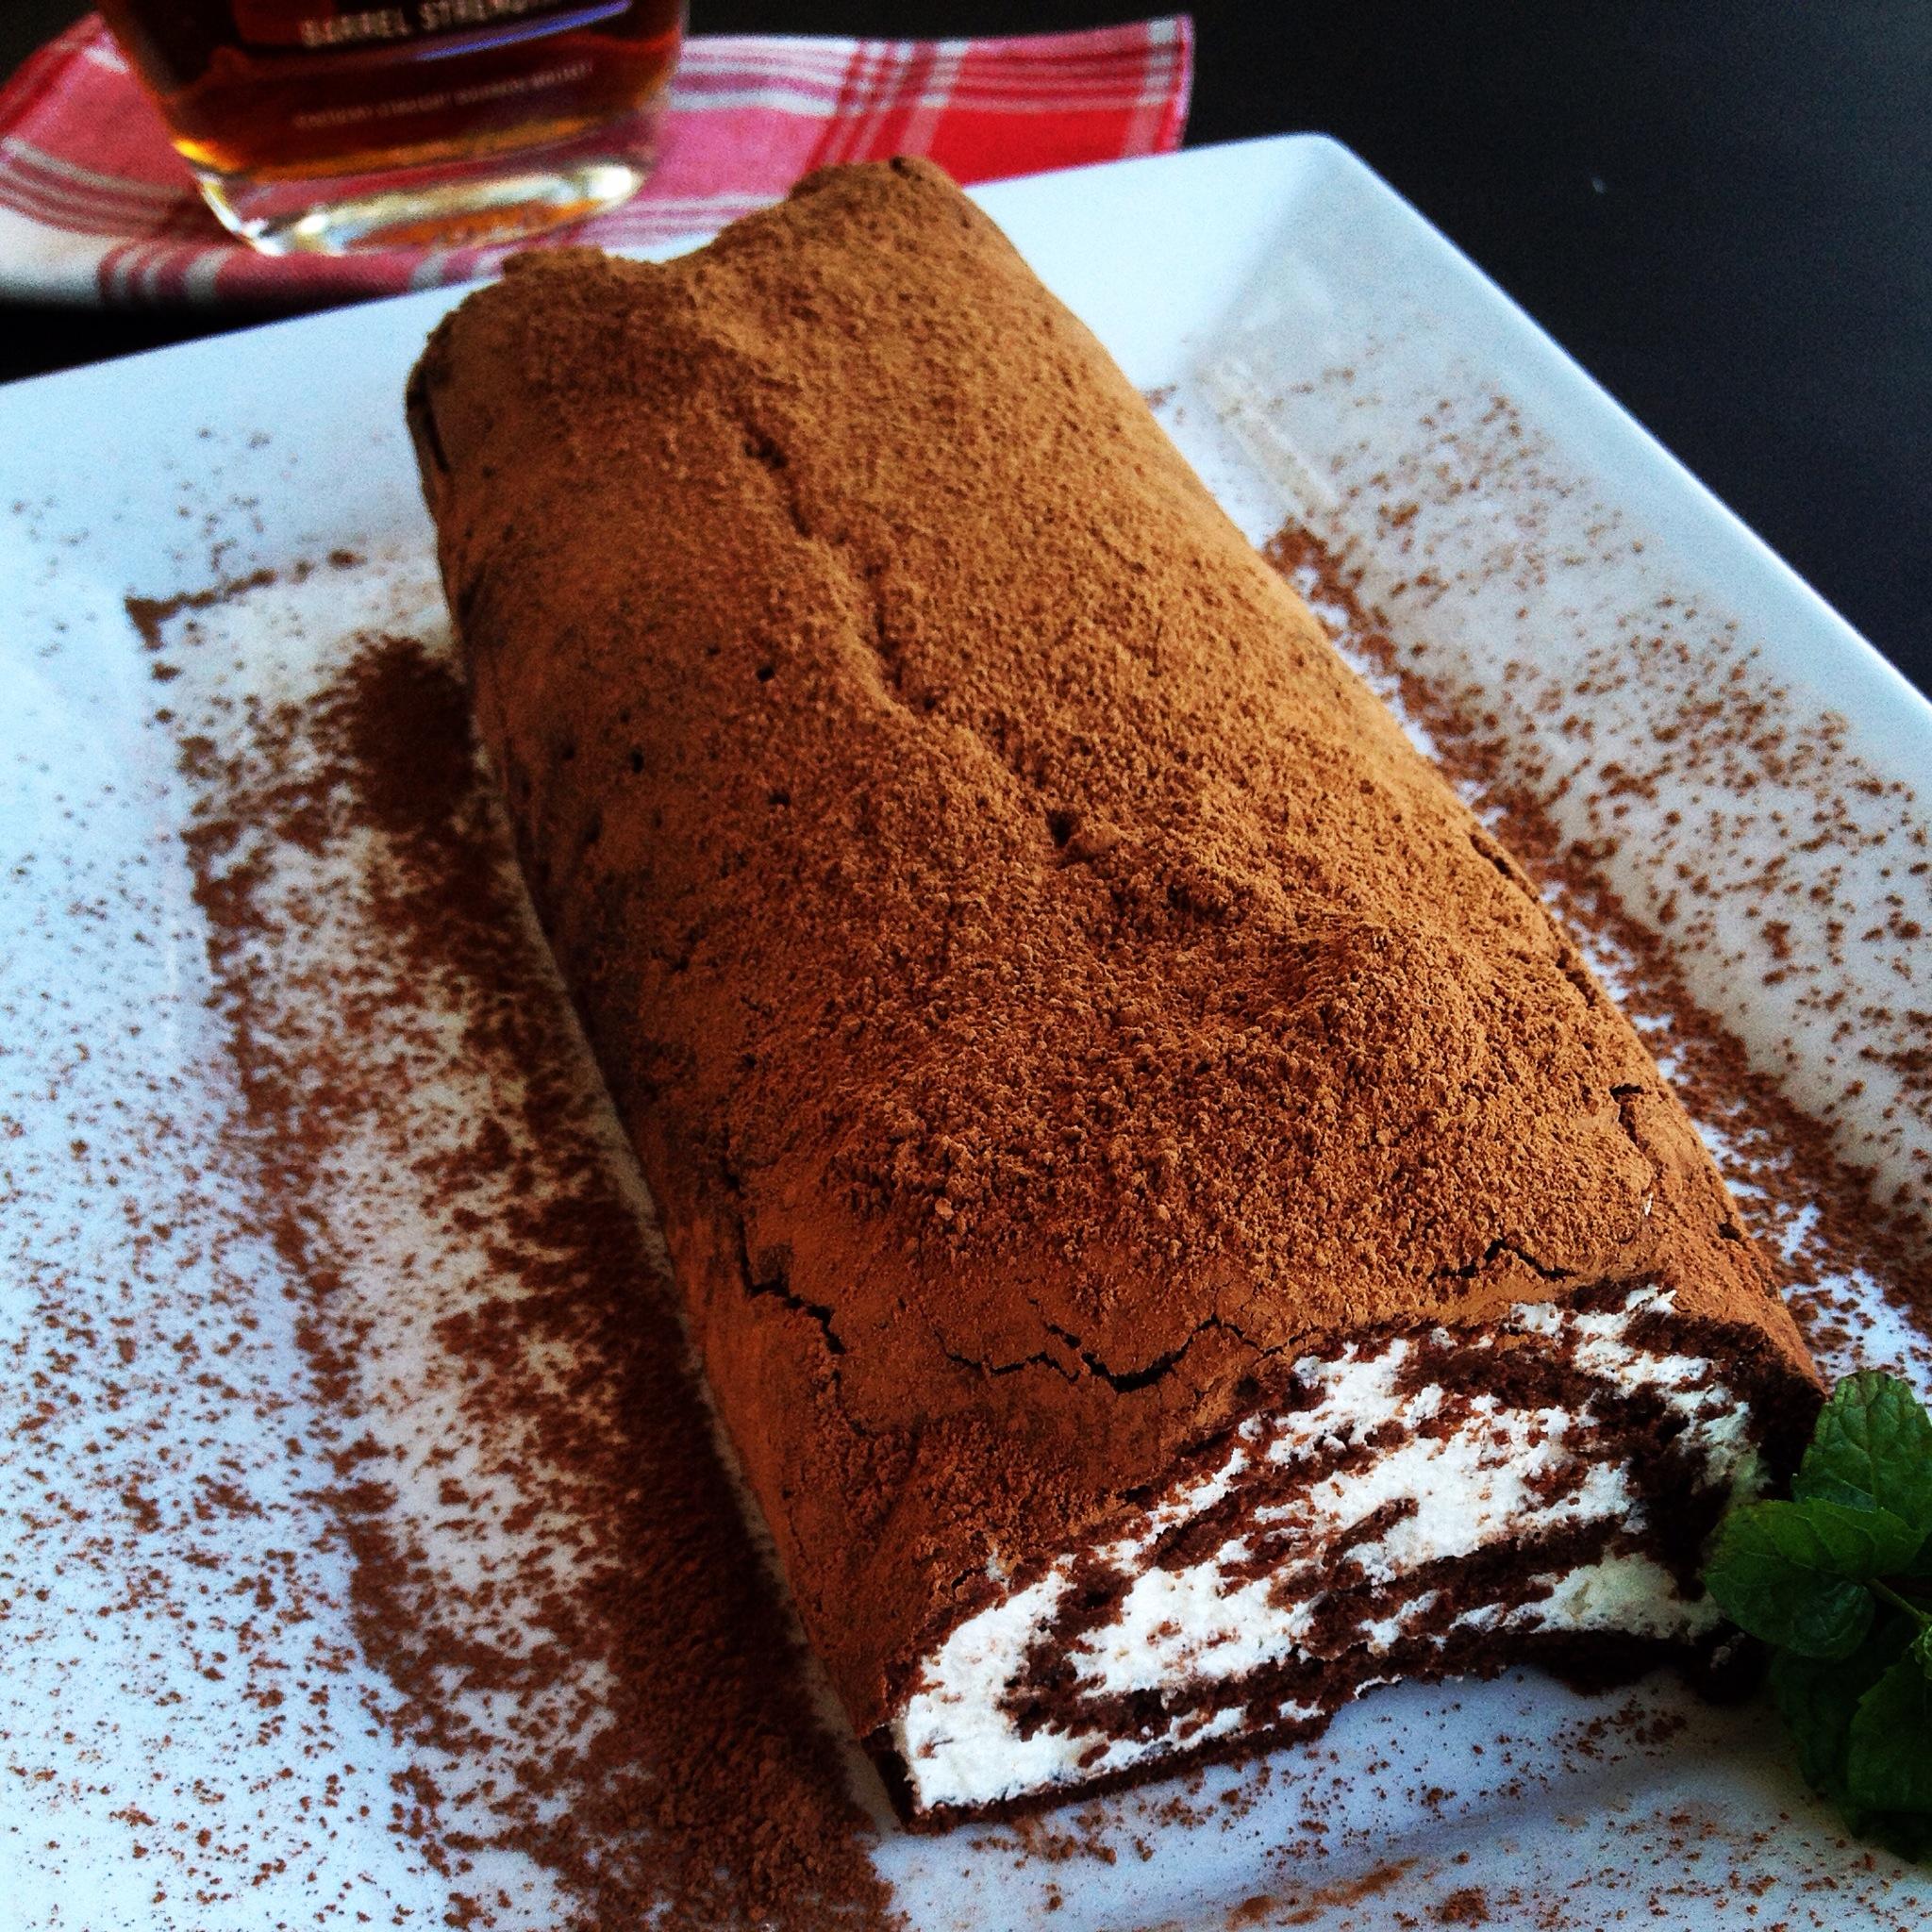 chocolate roulage roulade Christmas cake yule log recipe MartieDuncan.com